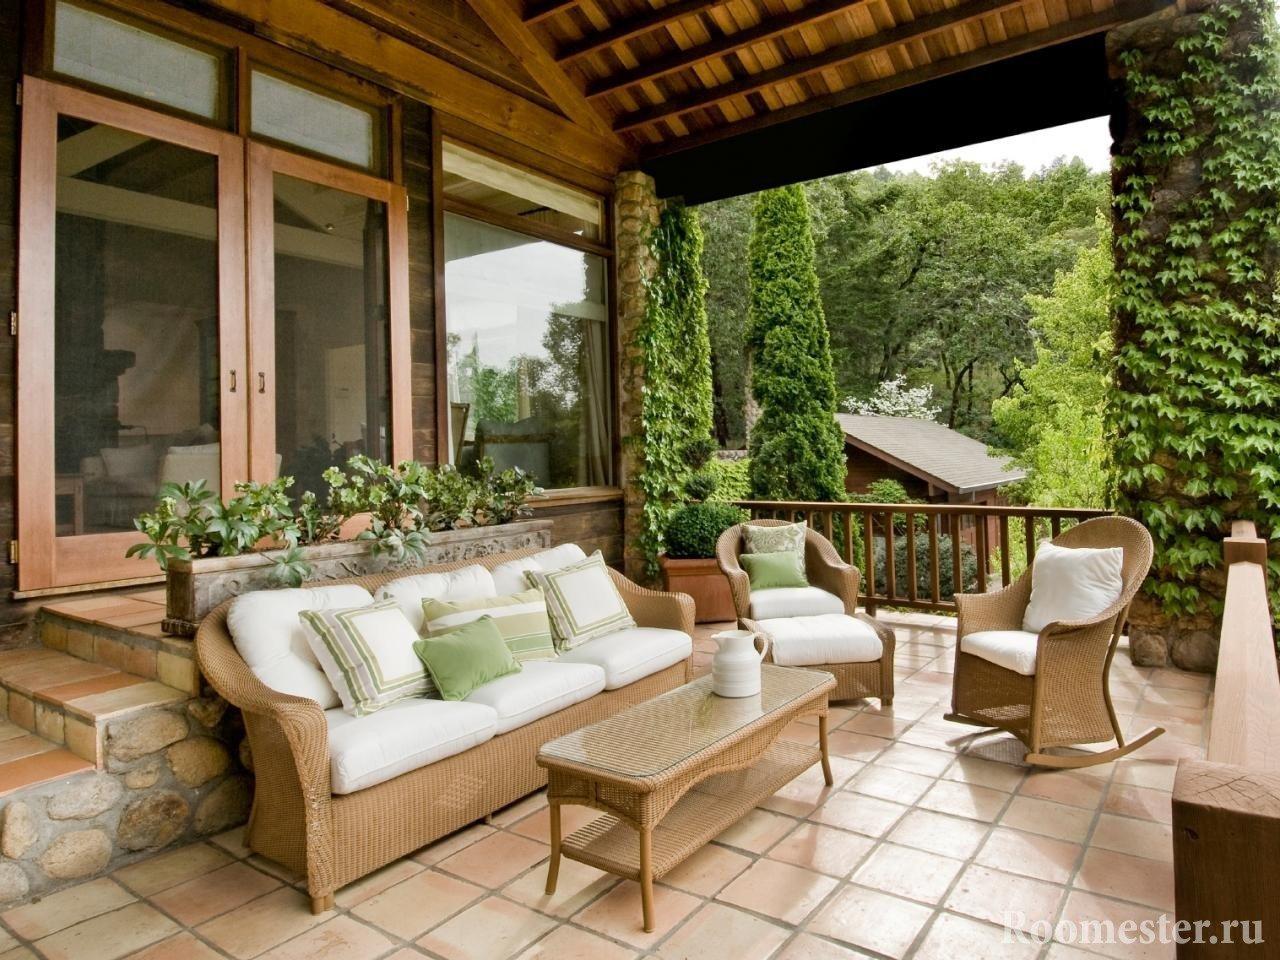 Деревянная мебель с белыми подушками на веранде